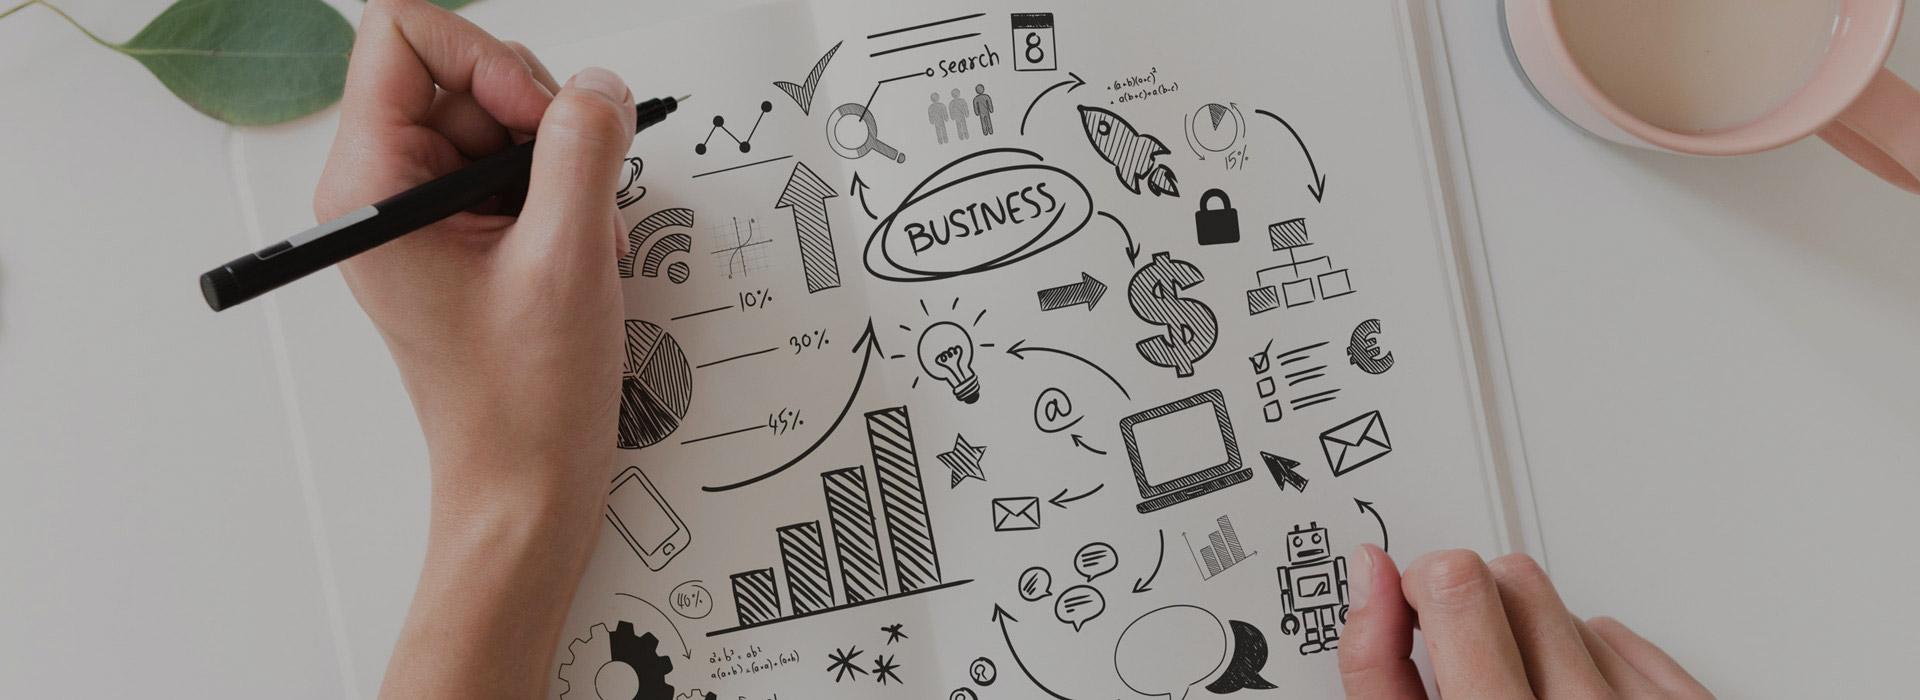 Projets pour Startups